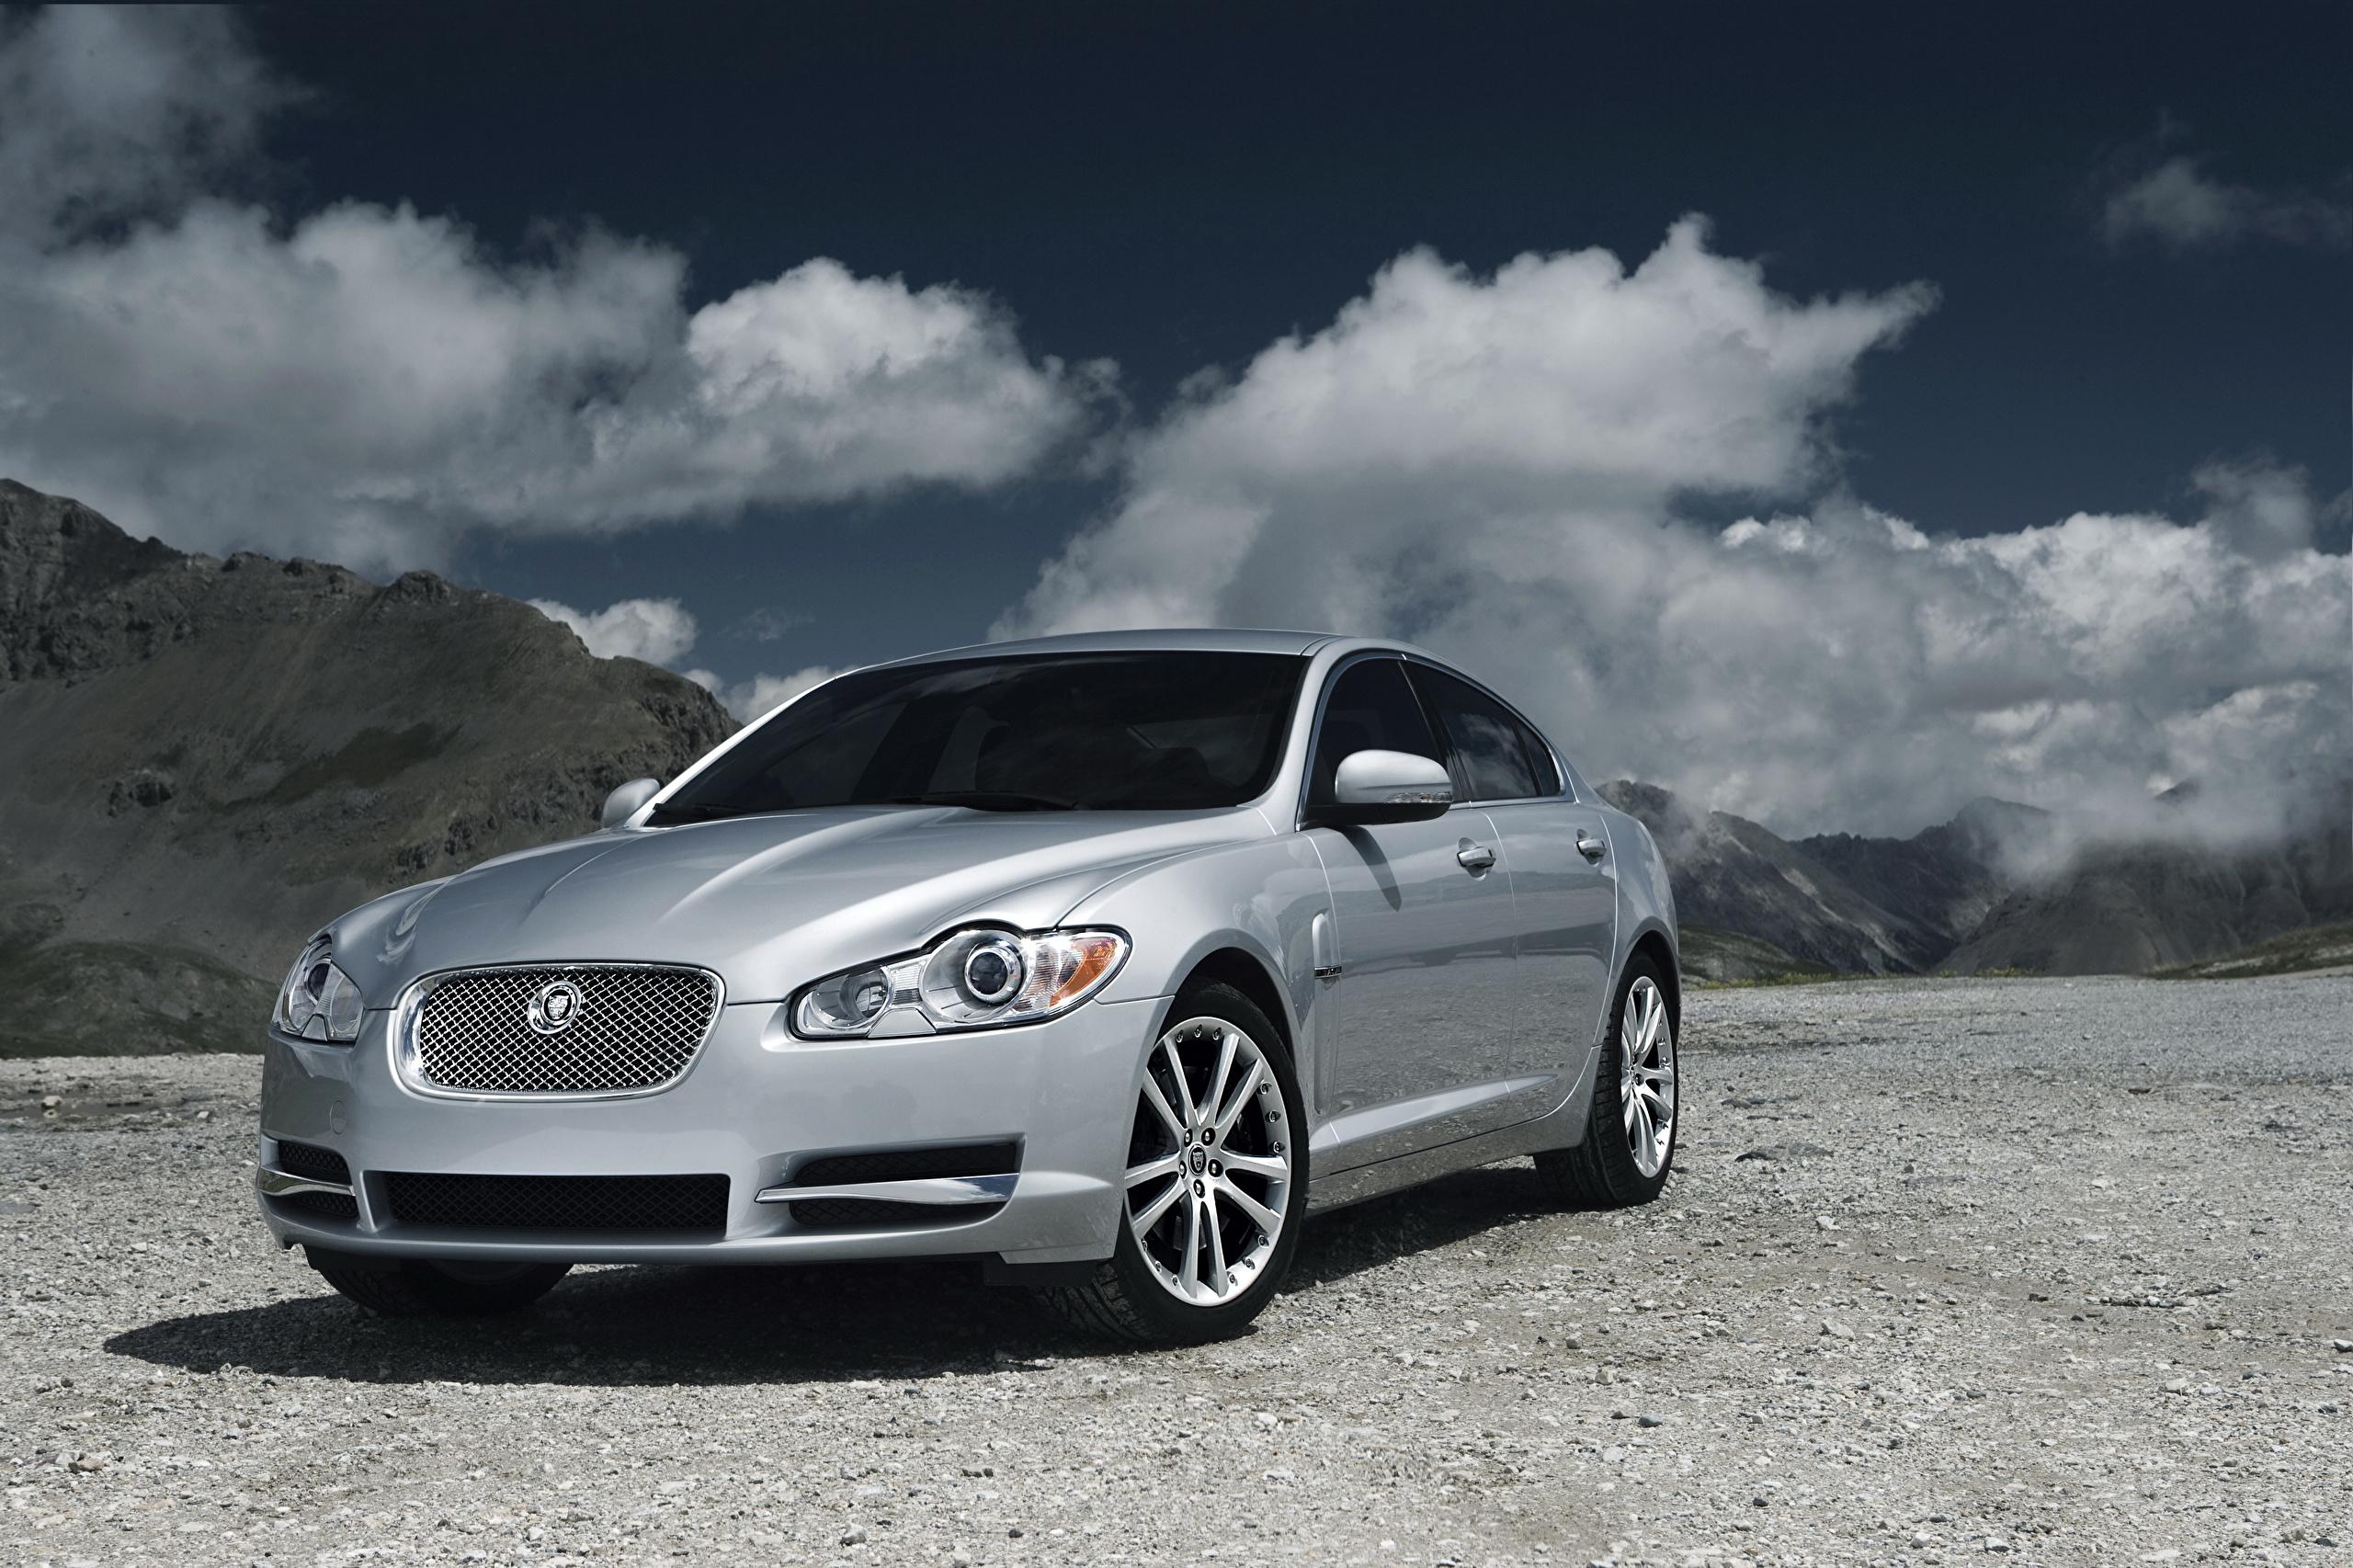 壁紙 ジャガー 自動車 09 Xf S Diesel 銀色 正面図 雲 自動車 ダウンロード 写真